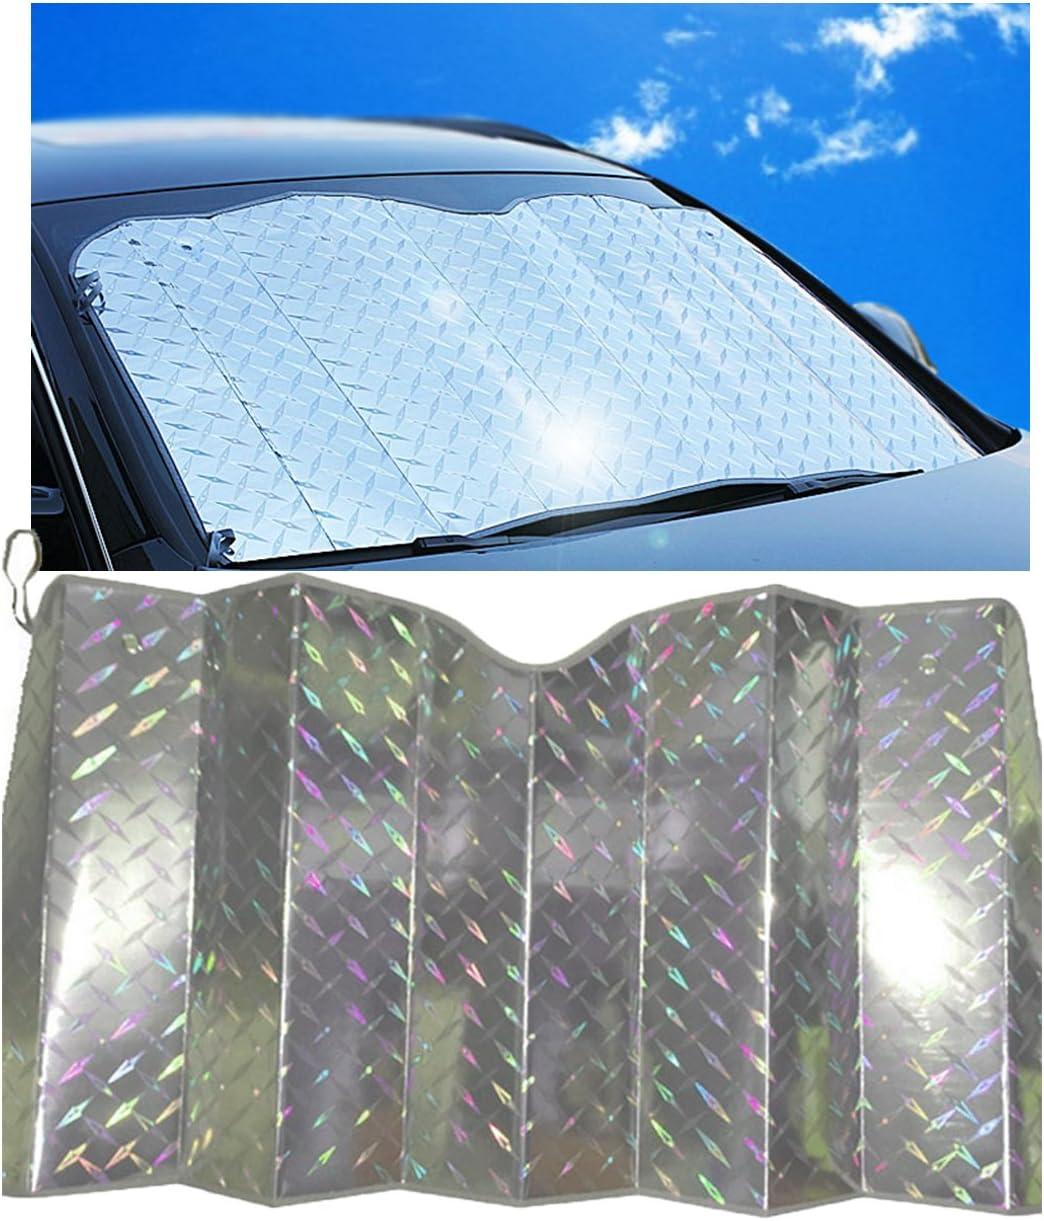 Chytaii Car Sun Shade Windscreen Sunshade Car front Windshield Sun Screen Shade UV Block Reflective Windshield